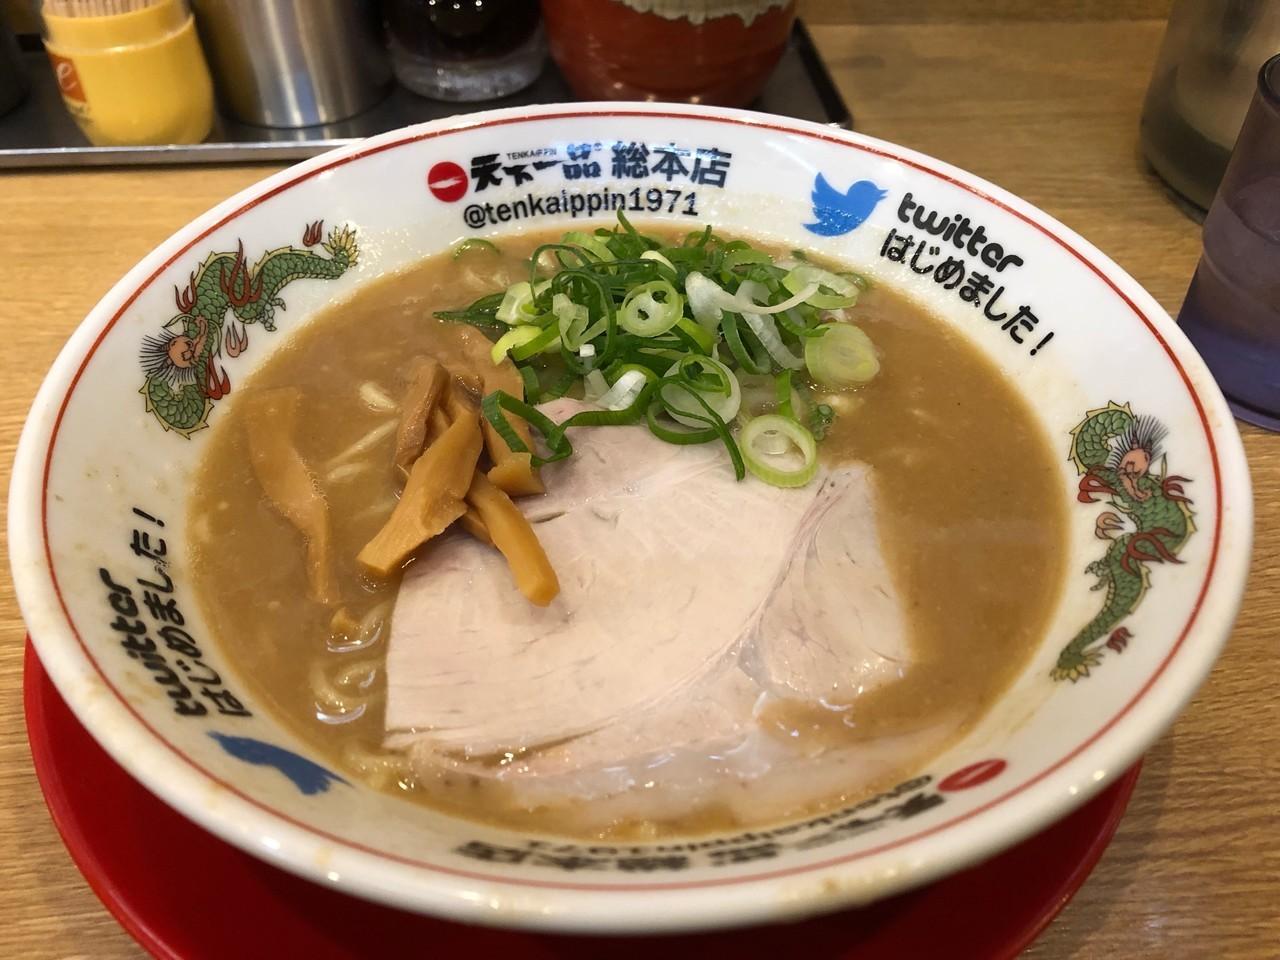 【最新版】ここだけは絶対に訪問しておきたい!京都の人気ラーメン店10選 - サムネイル